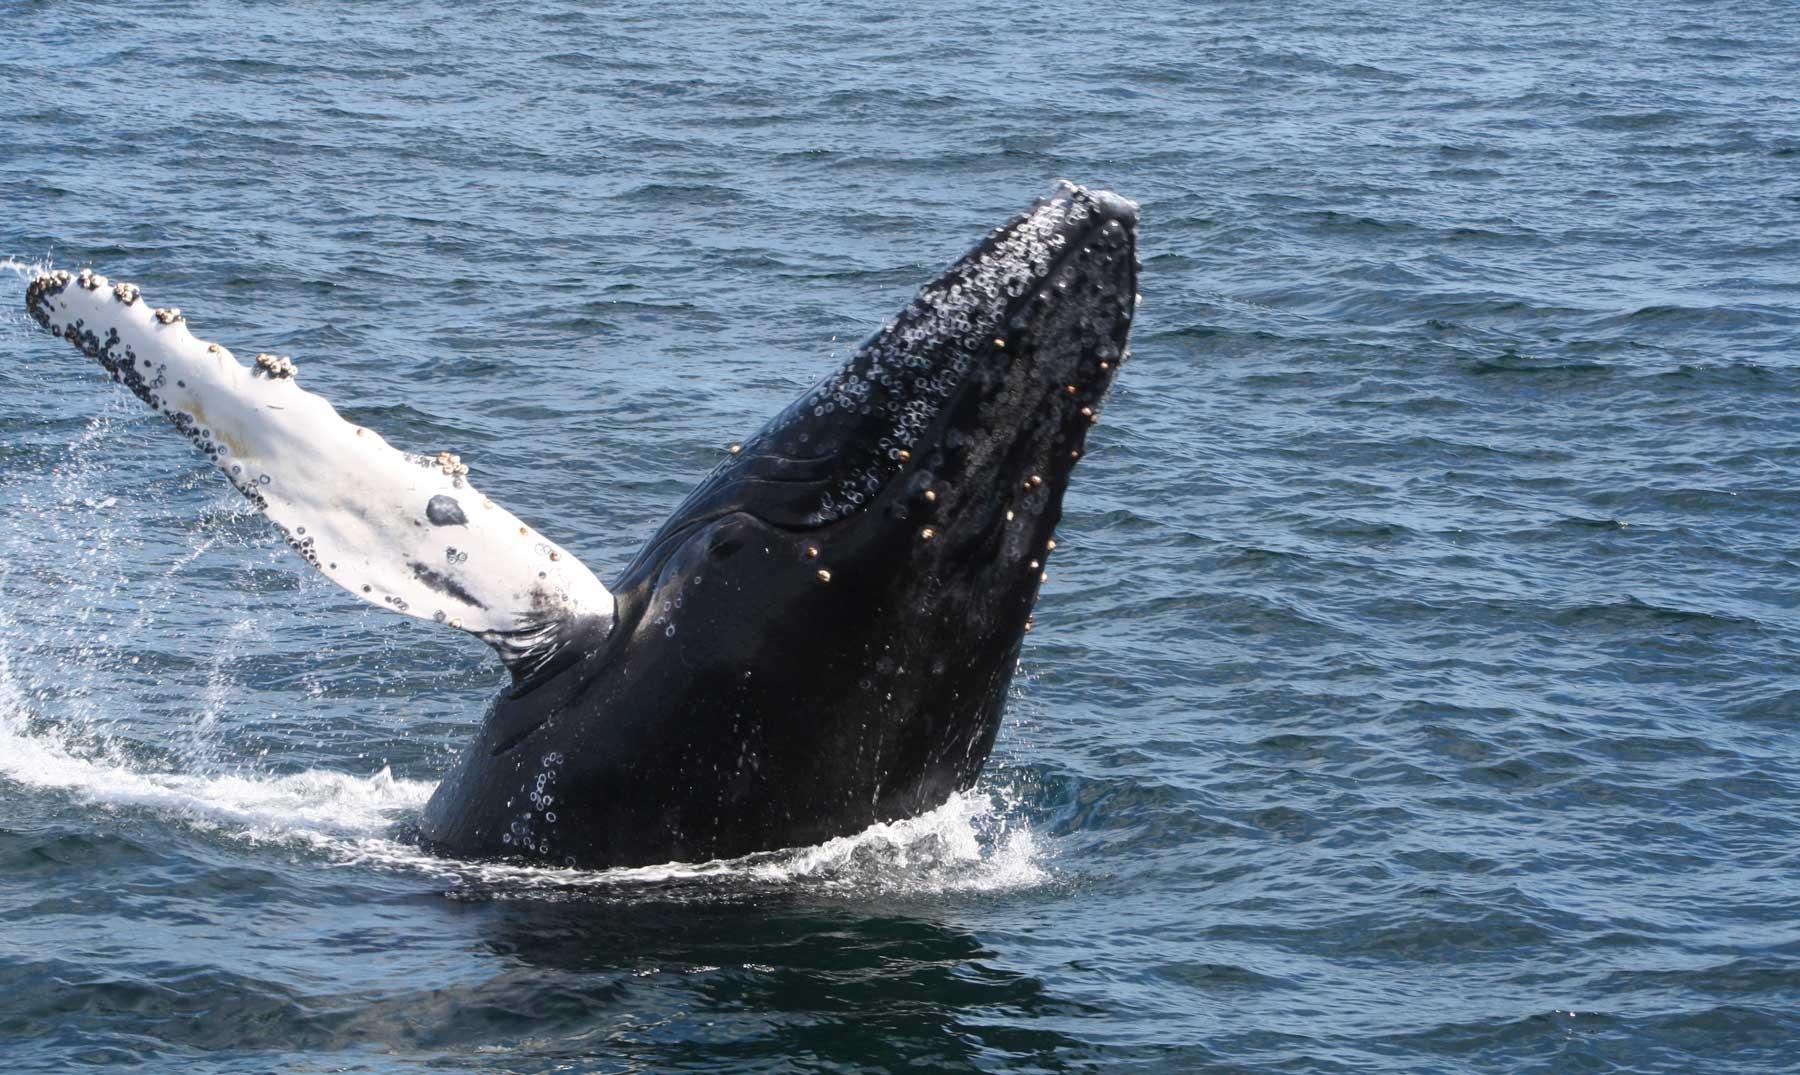 La ballena más triste del mundo